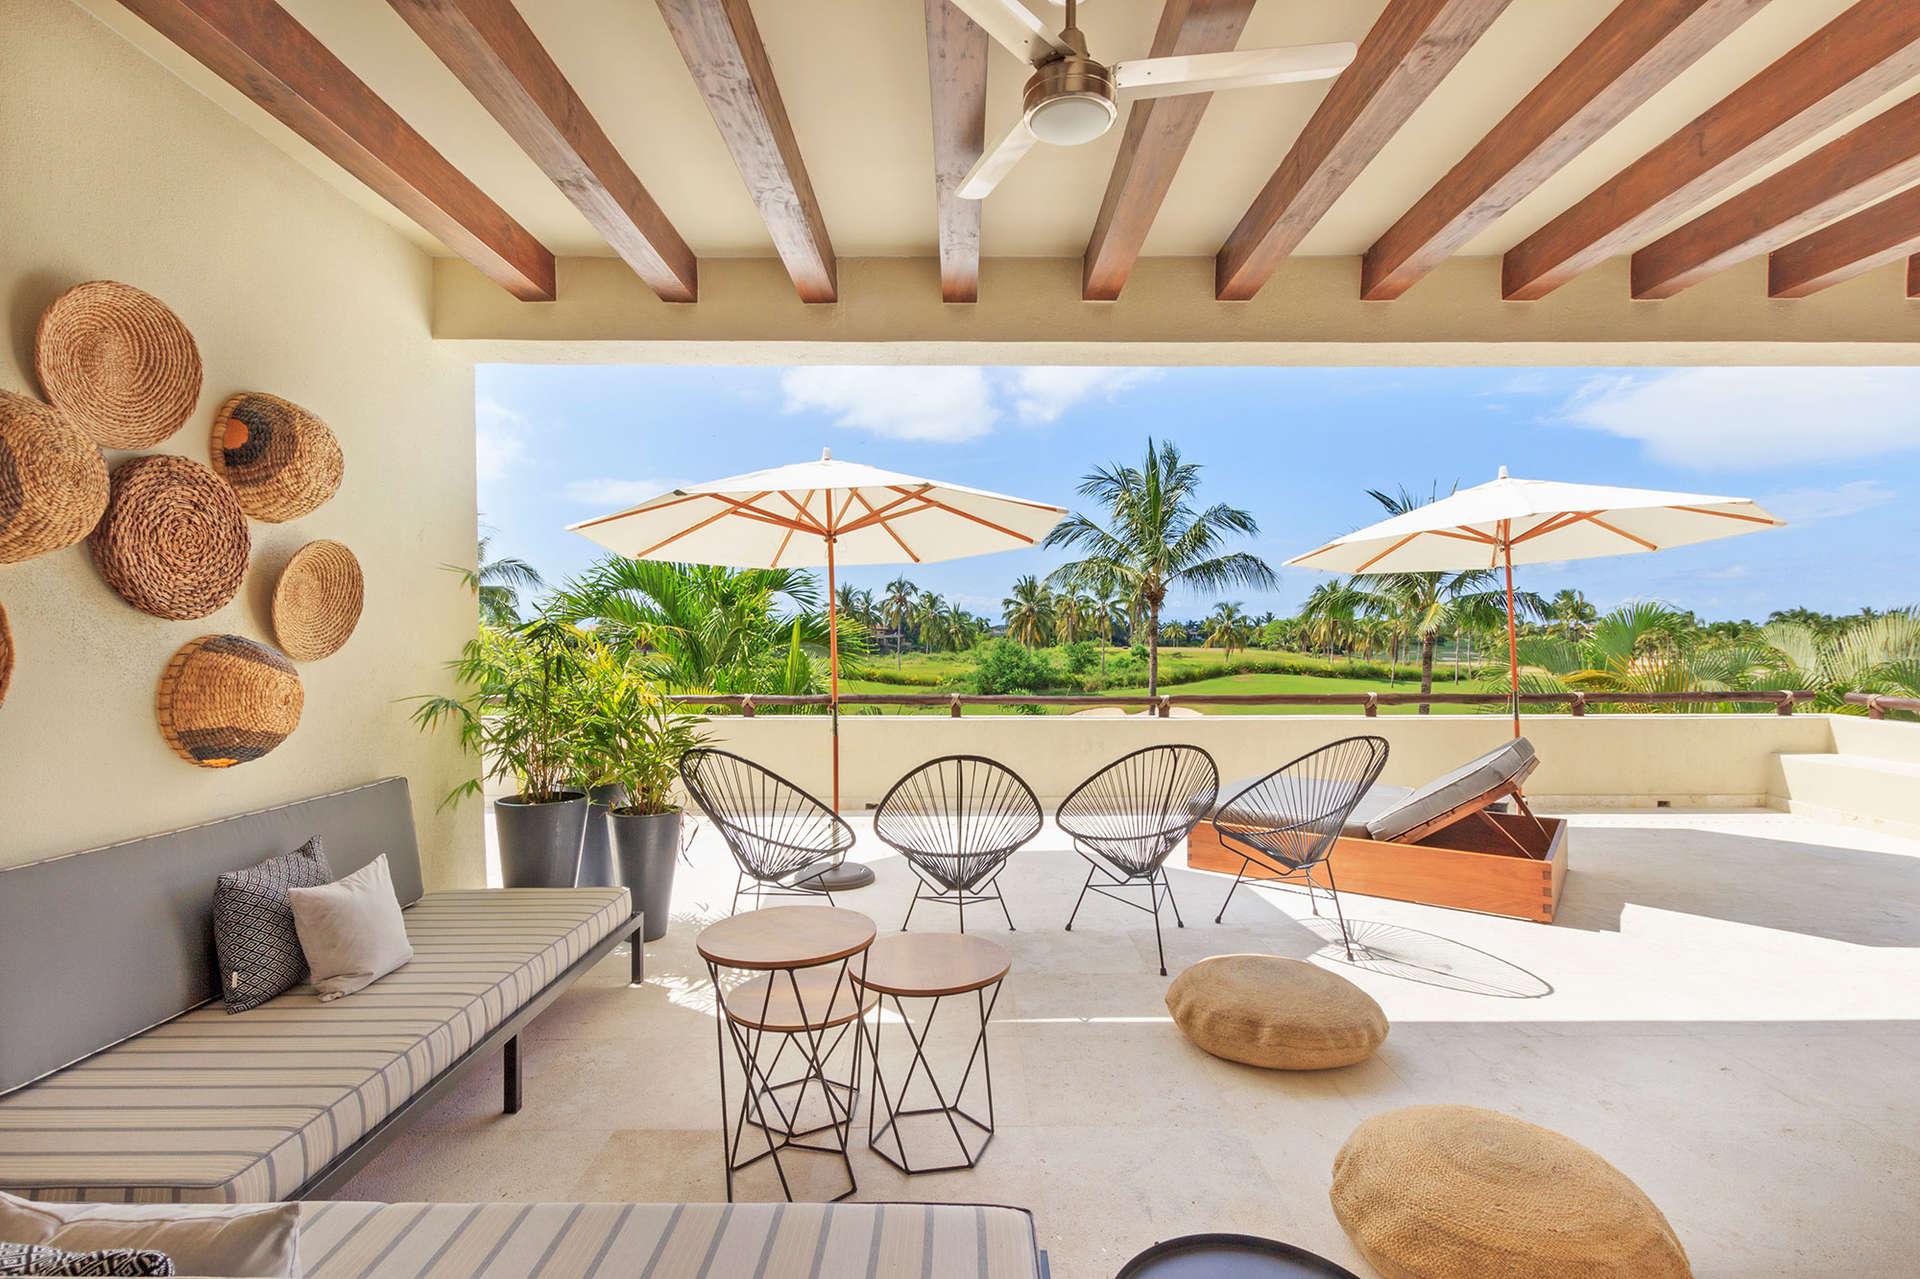 Luxury vacation rentals mexico - Punta mita - Las terrazas - No location 4 - Condo Terramar - Image 1/20